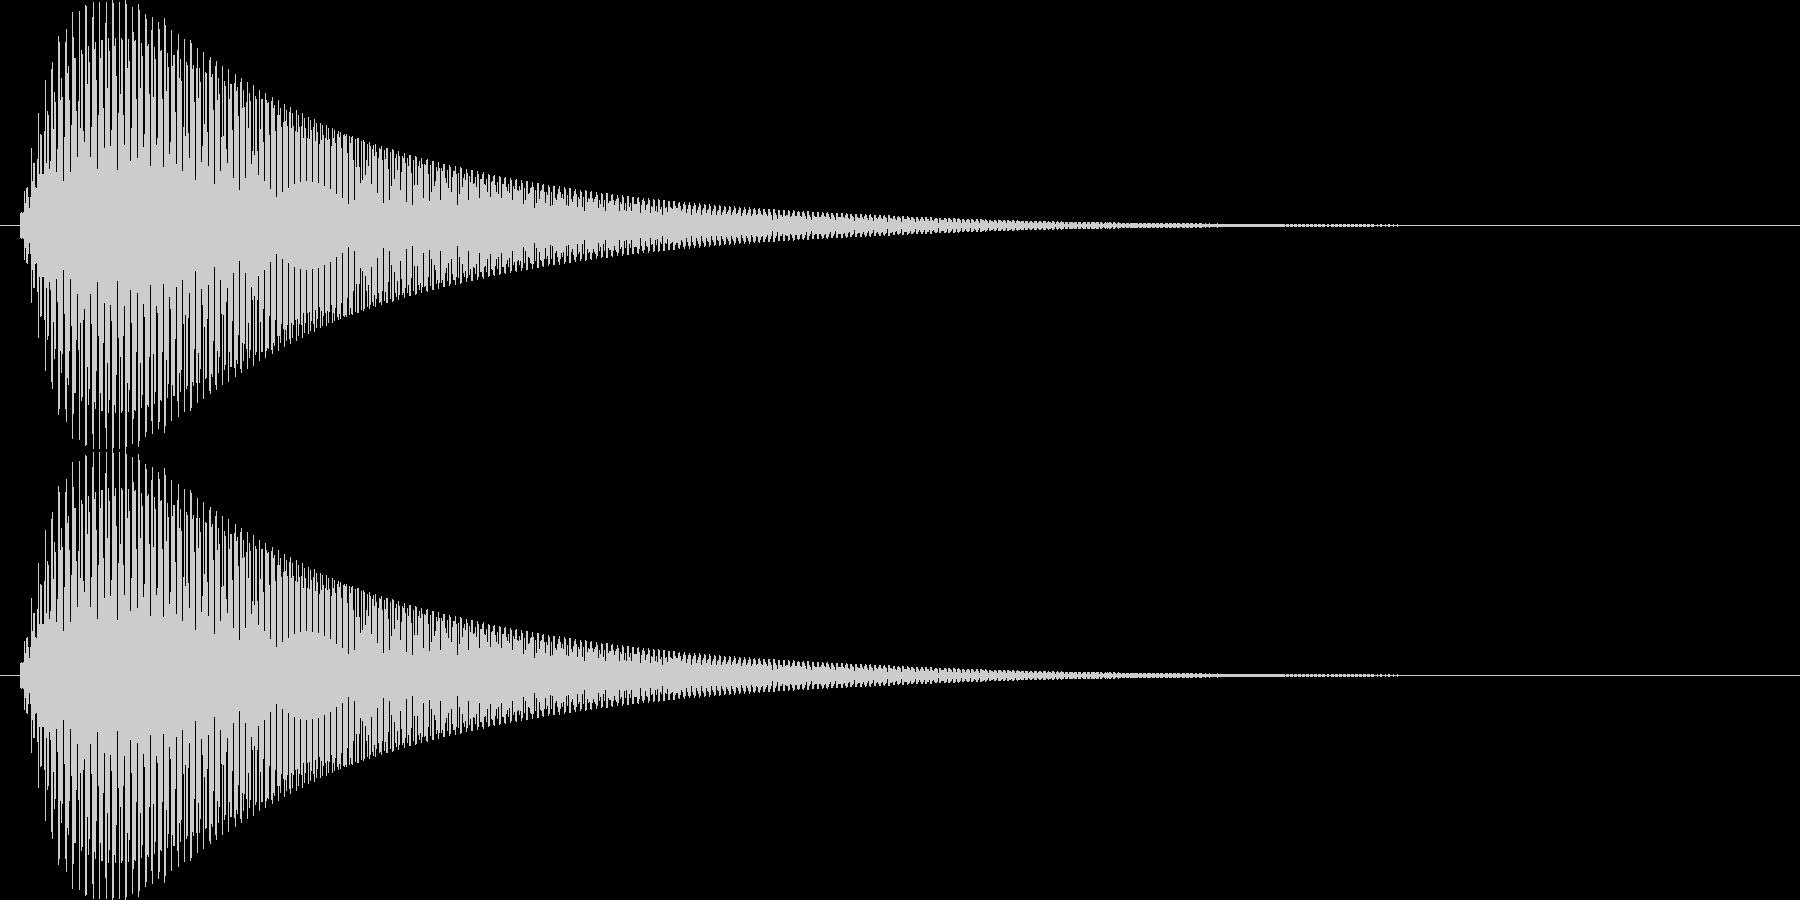 【ピヨーン】ファミコン系ジャンプ音_07の未再生の波形